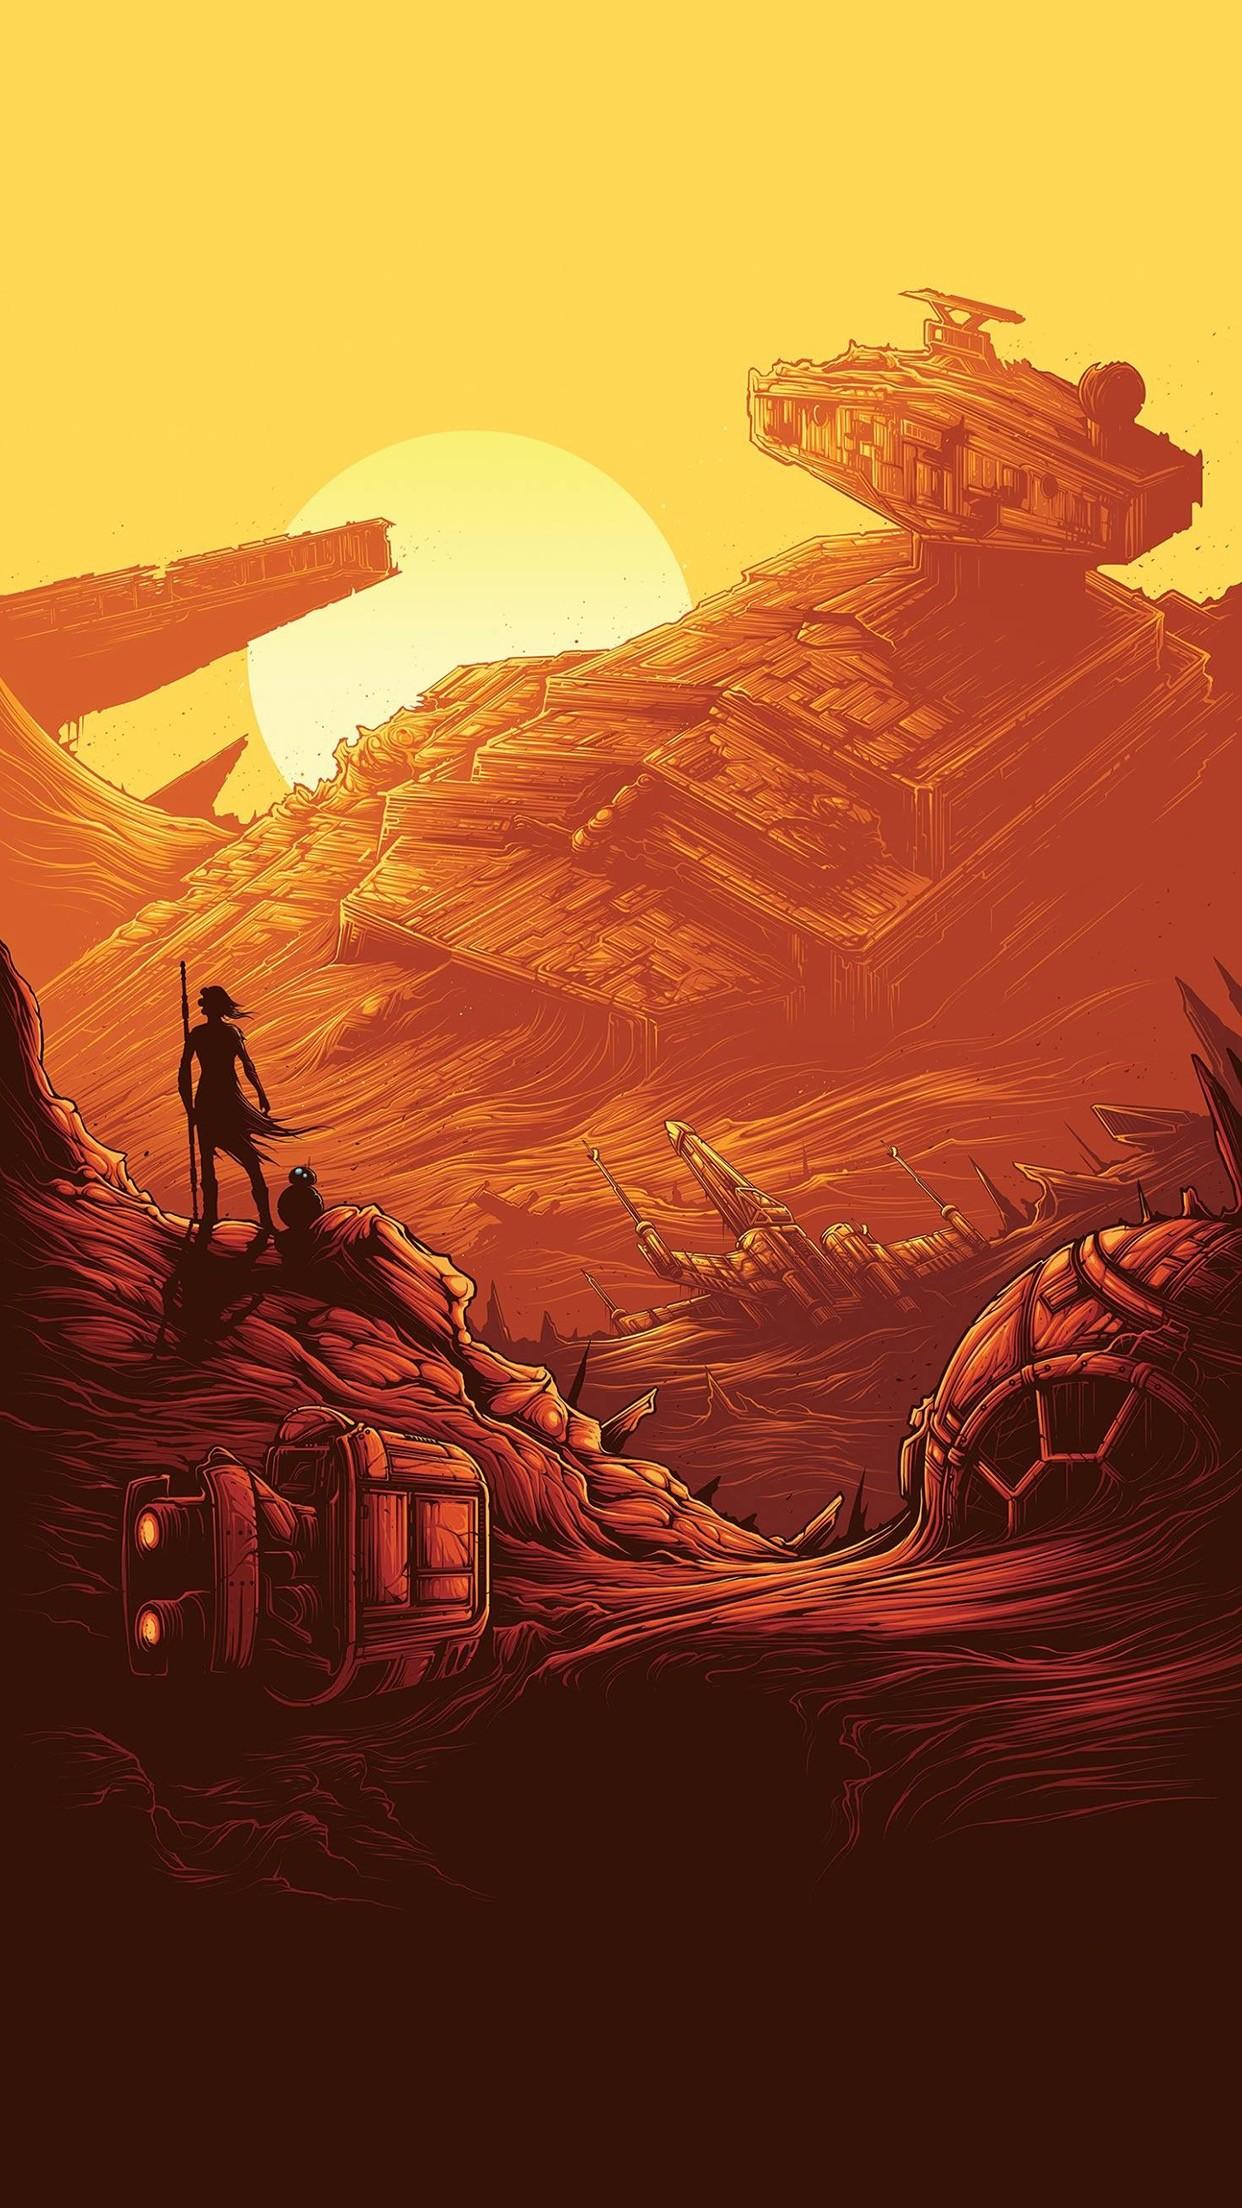 2880x1800 5K HD Wallpaper Star Wars Fan Art